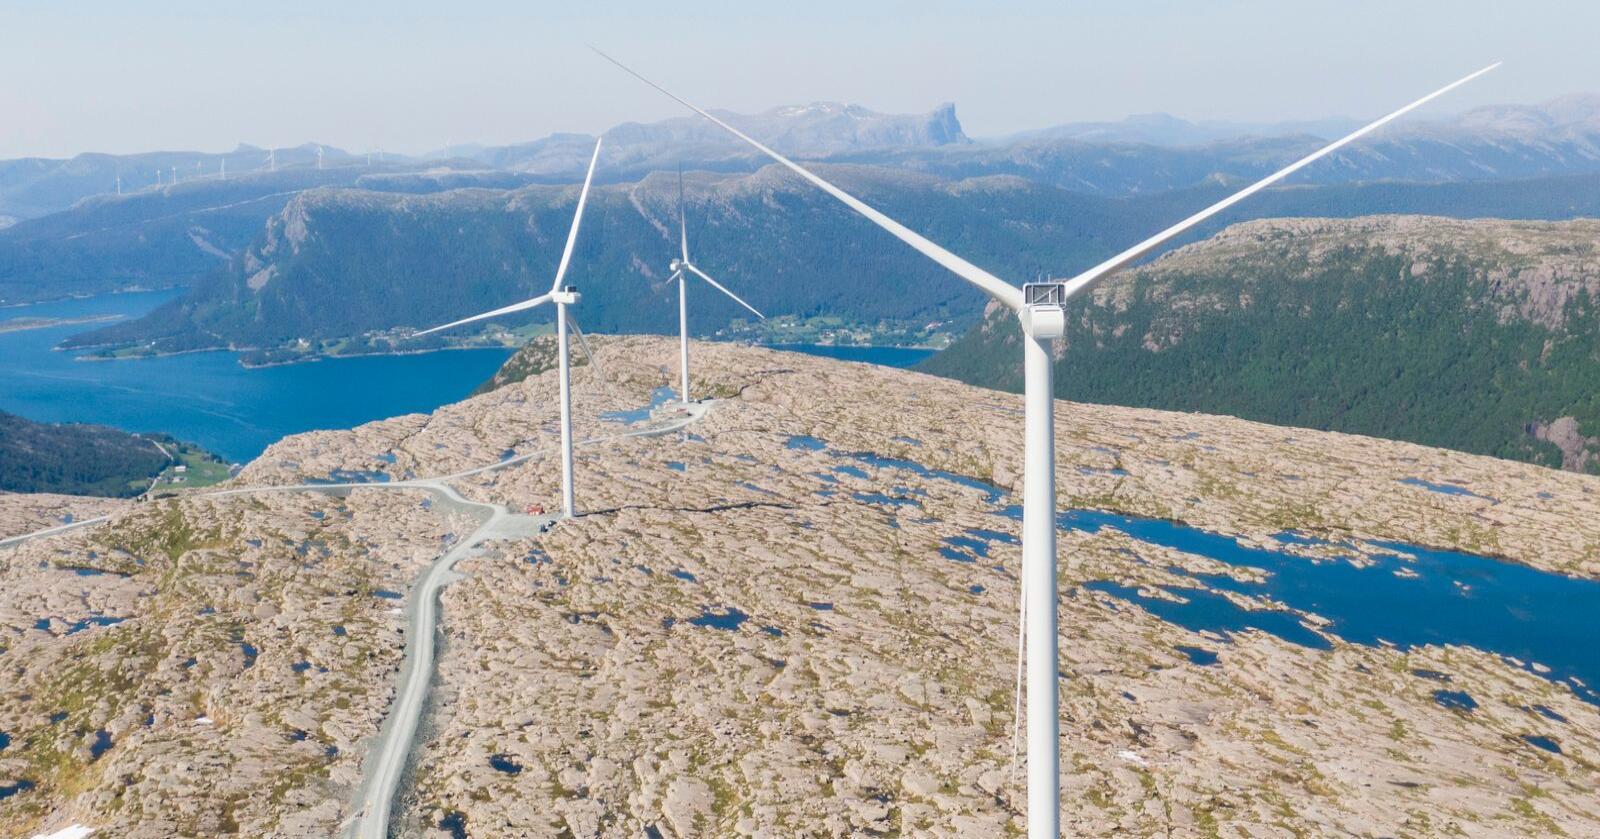 De lange vindkraftbladene må være både lette og svært sterke for å kunne gjøre jobben med å fange opp vind som kommer fra alle retninger og i alle styrkegrader og gjøre det om til miljøvennlig energi. Her fra arbeidet med å montere vindmøller på Guleslettene vindpark like ved Florø, der det Totalt skal reises 47 vindmøller i dette området. Hvert tårn er 90 meter høyt. Levetid er 25–30 år. Foto: Tore Meek / NTB scanpix